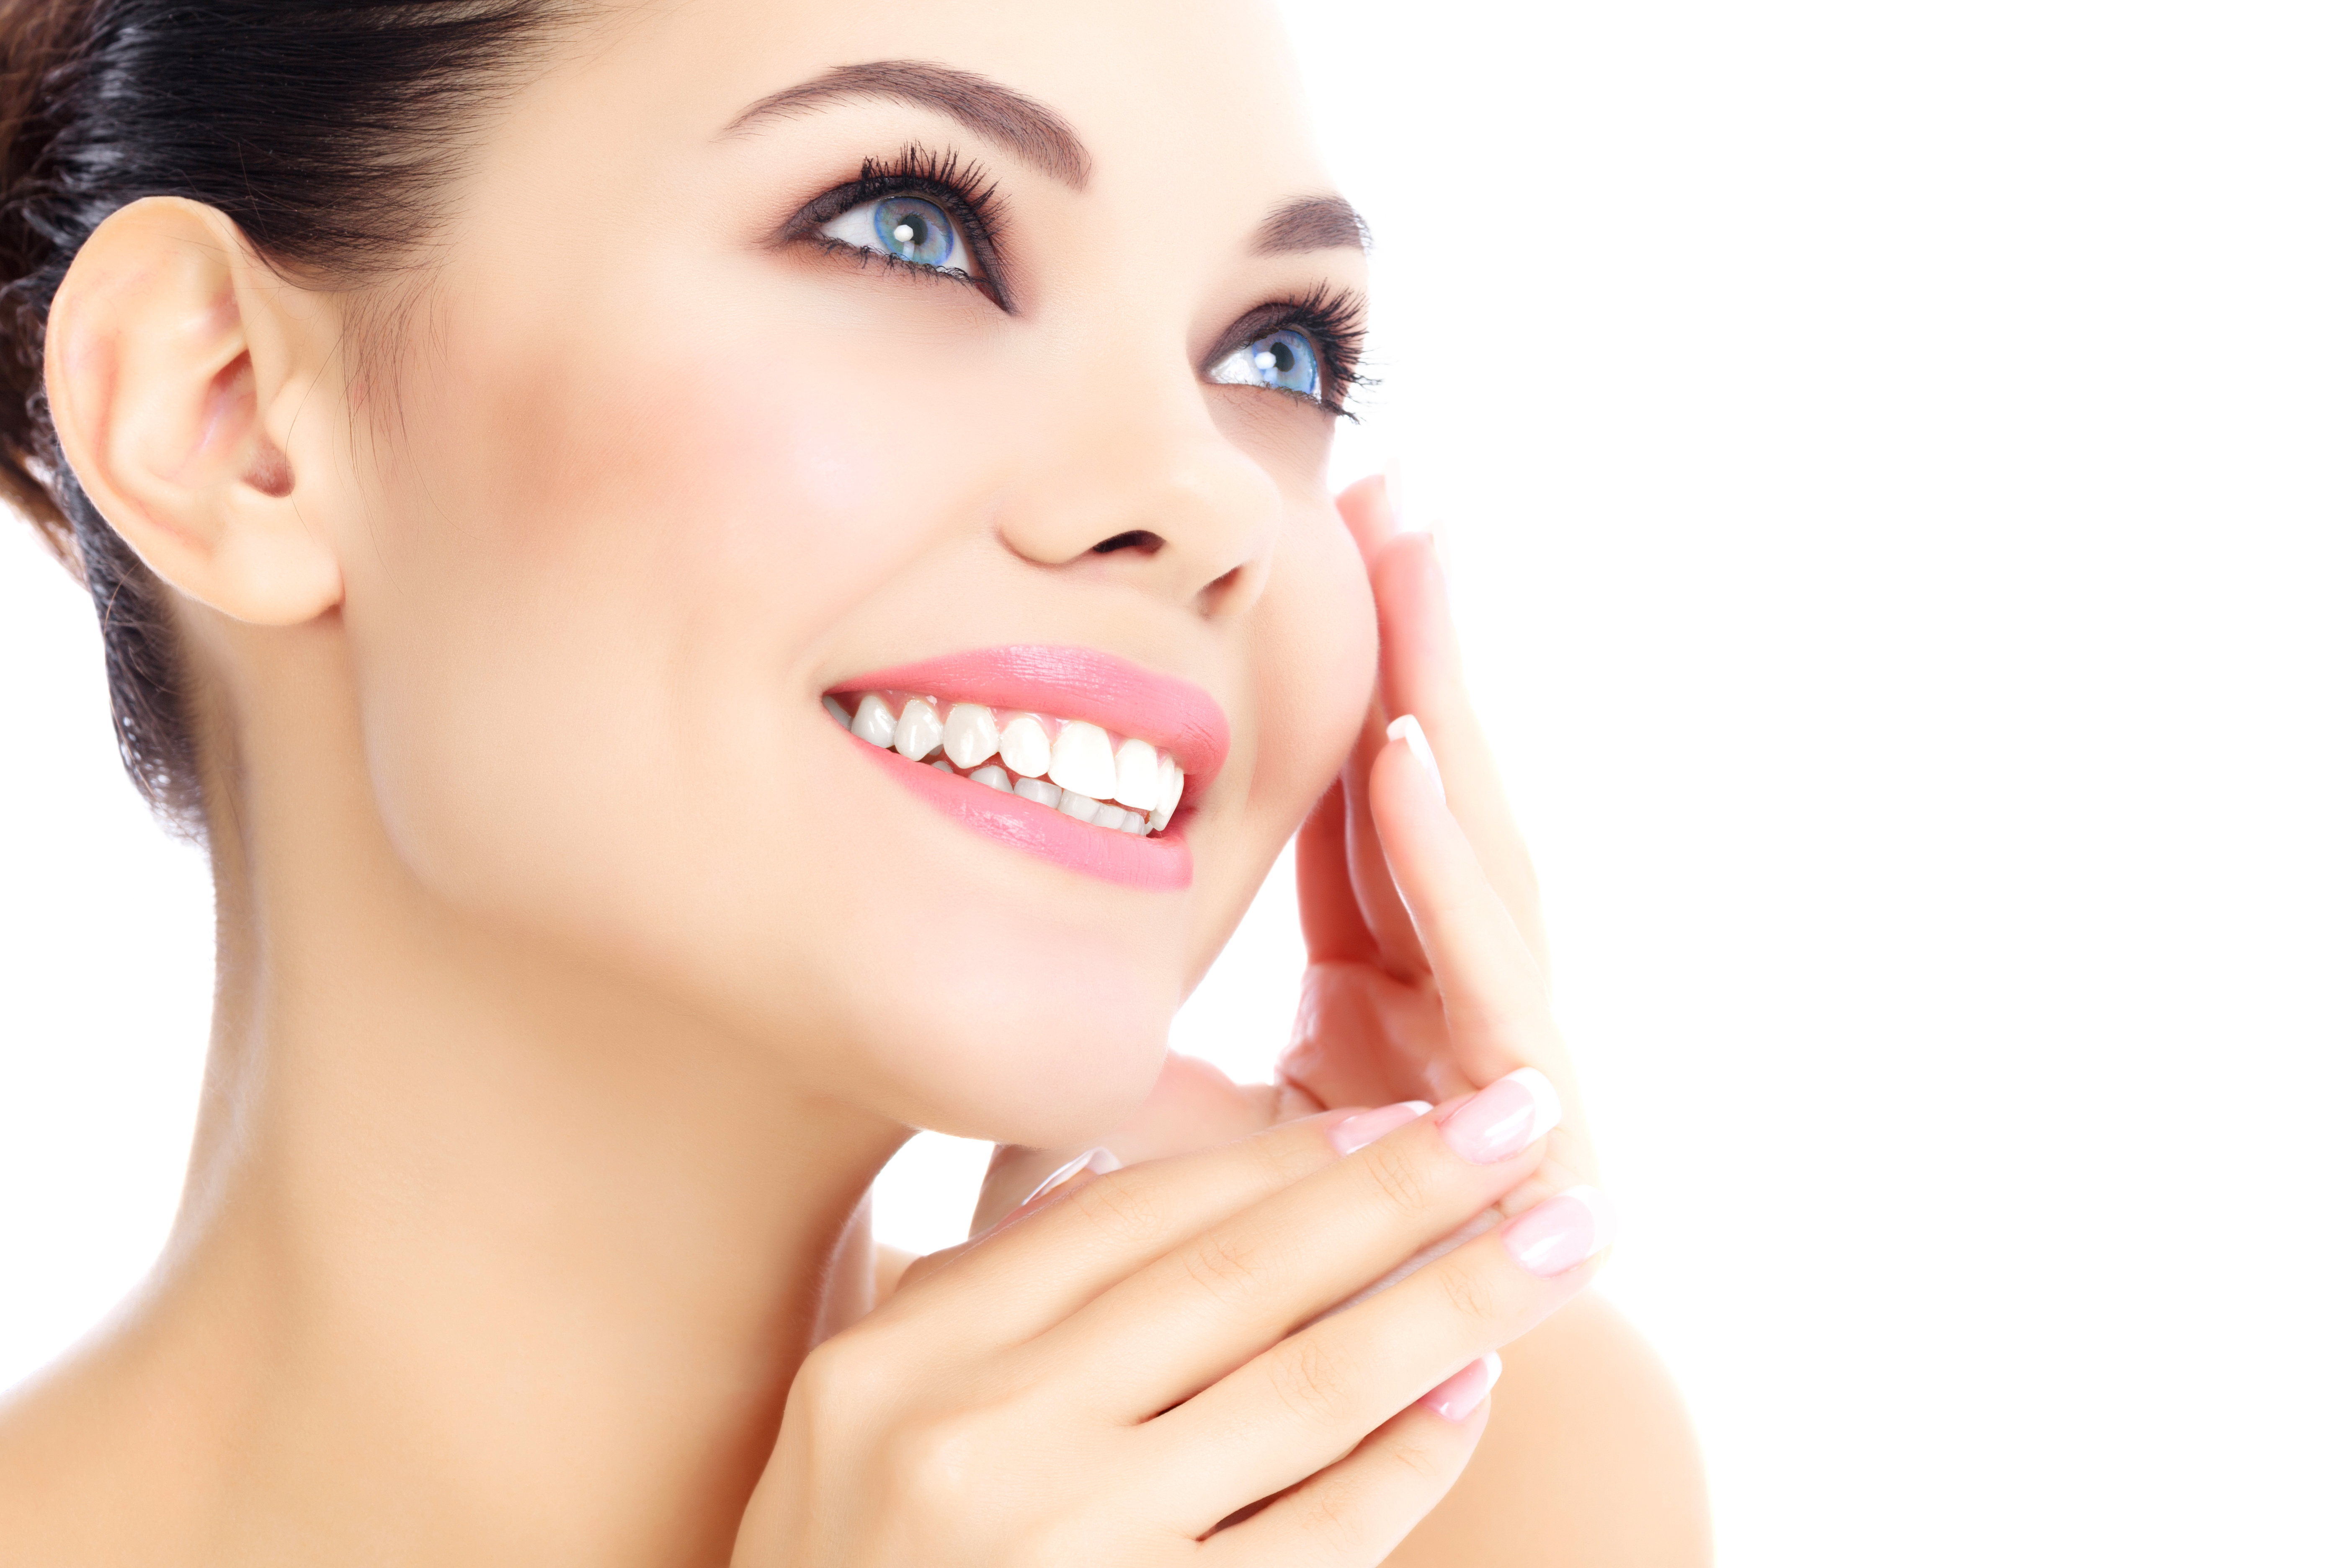 3D Meso Botox Lifting на цяло лице, за запълване на бръчки и видимо повдигане на кожата, с дълготраен ефект до 1 година в Суит Бюти Студио! - Снимка 2